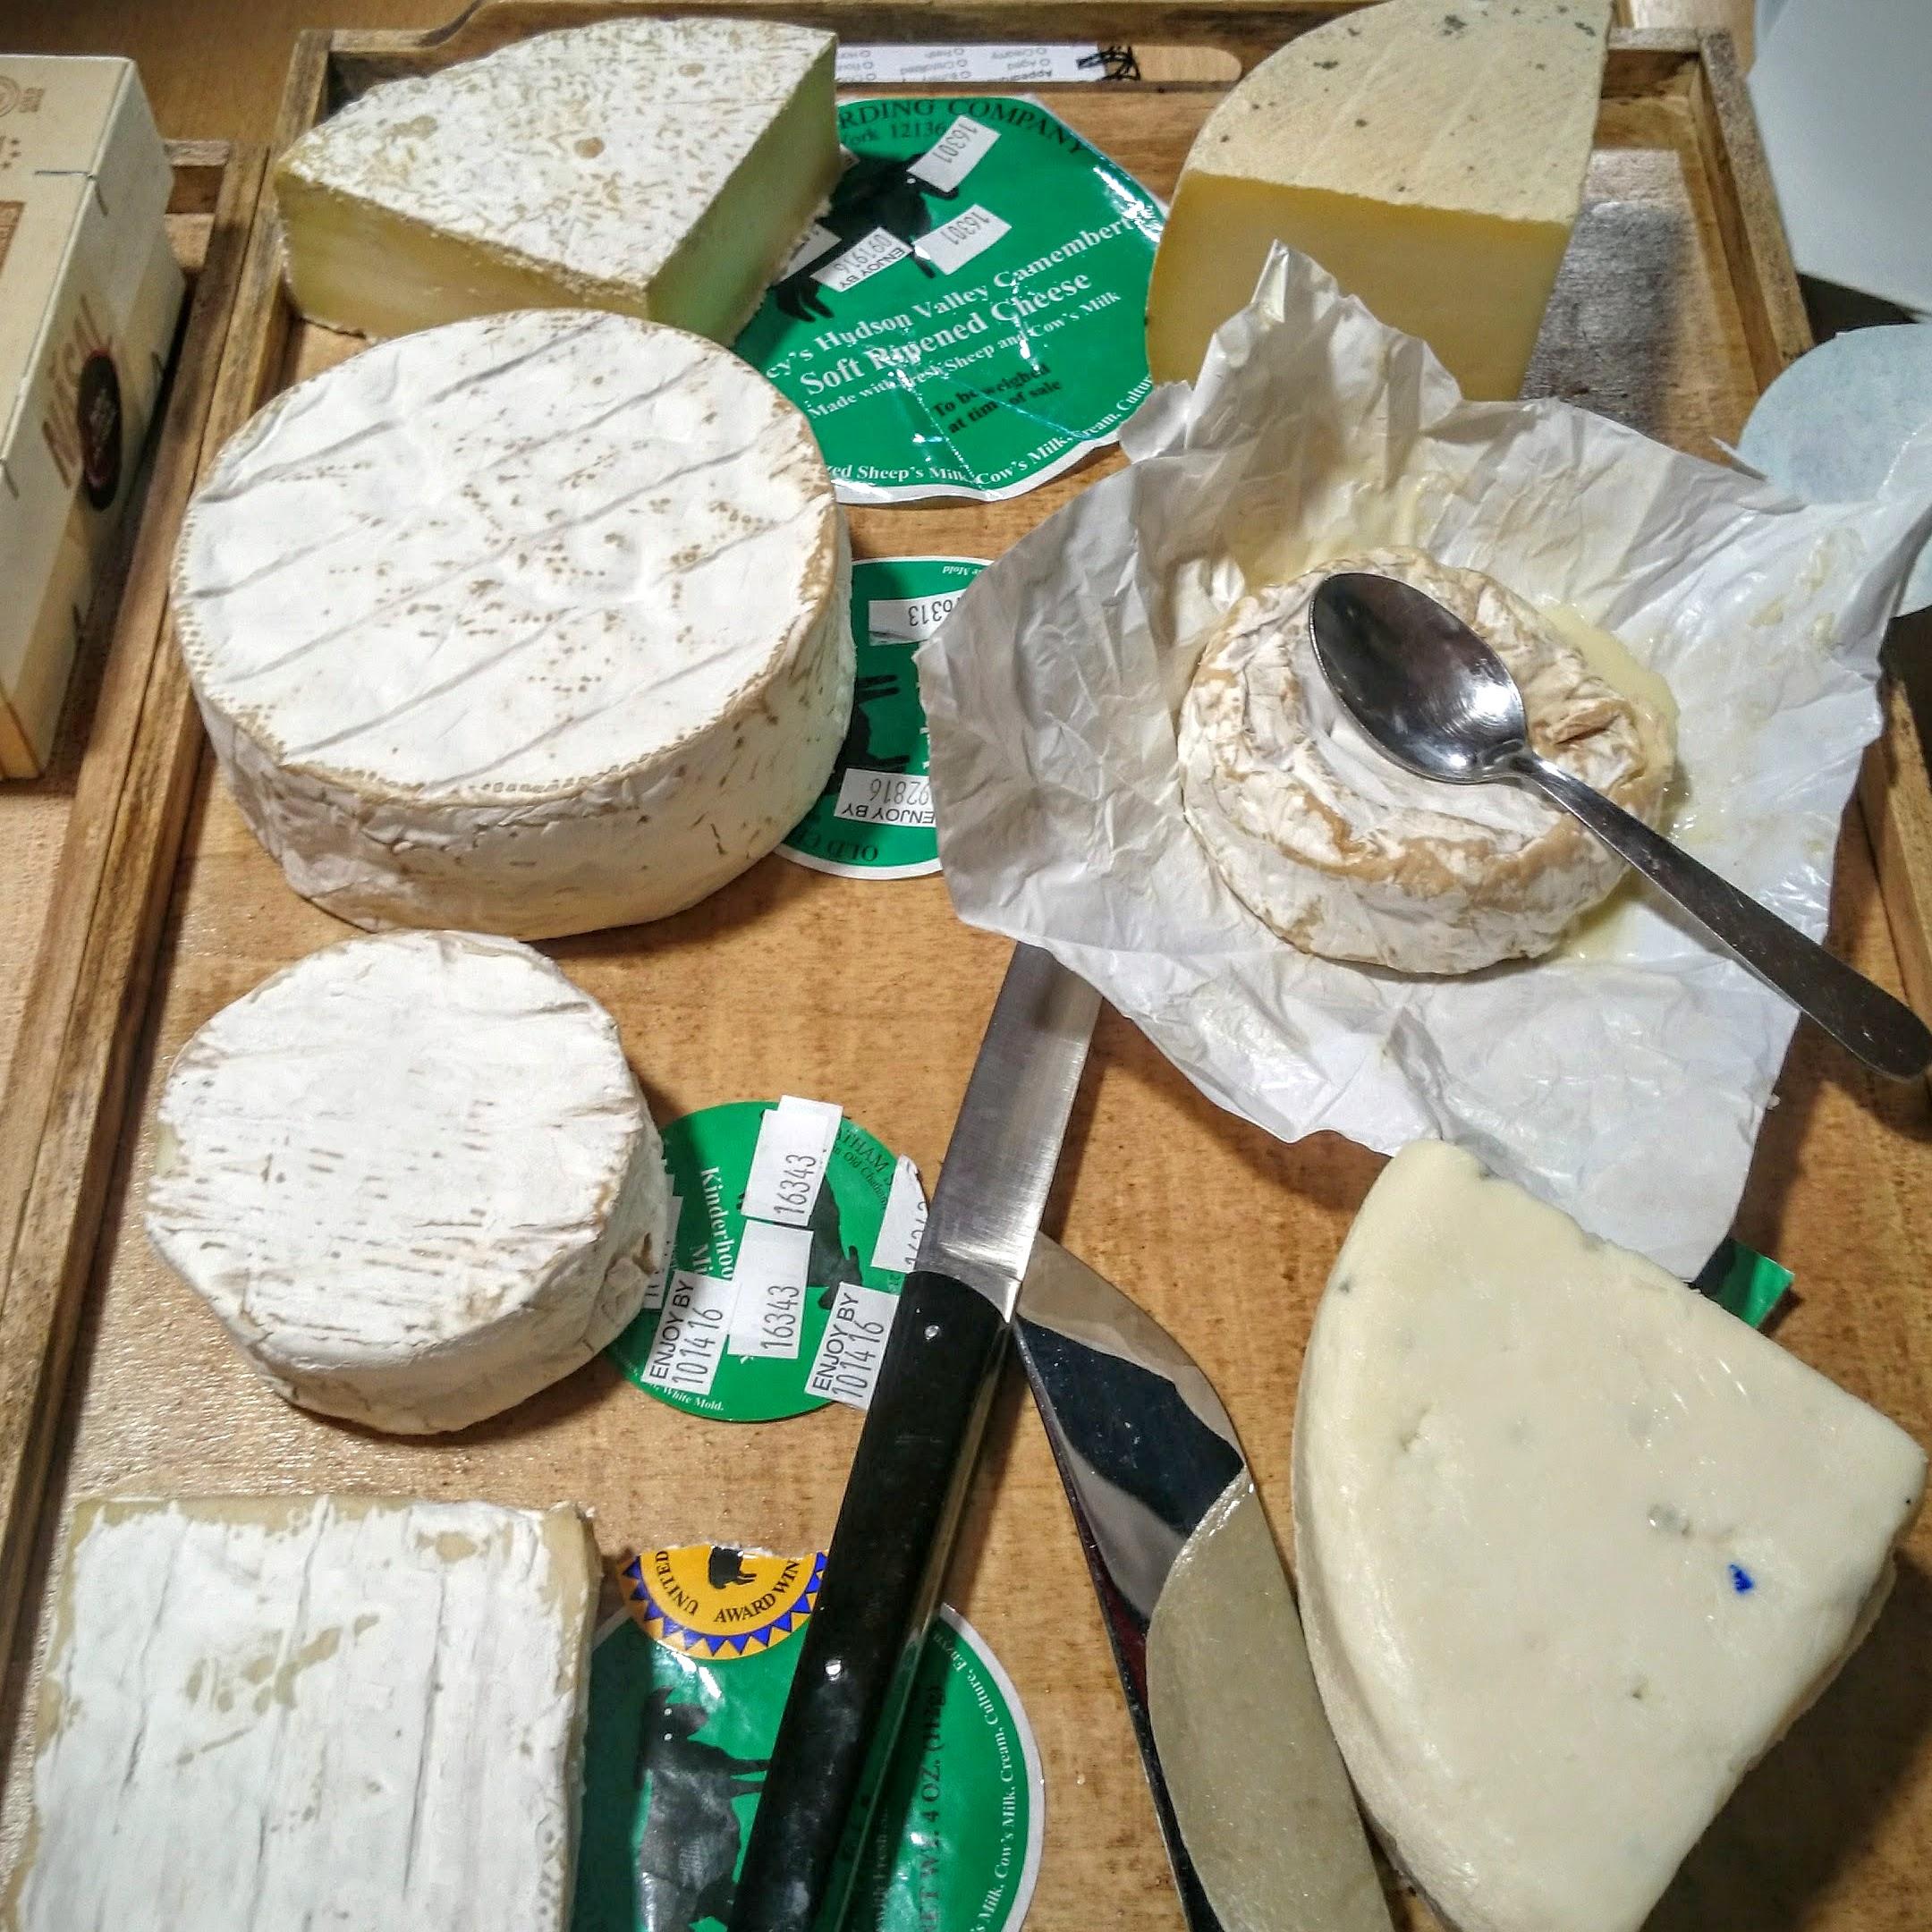 Ryan's cheese